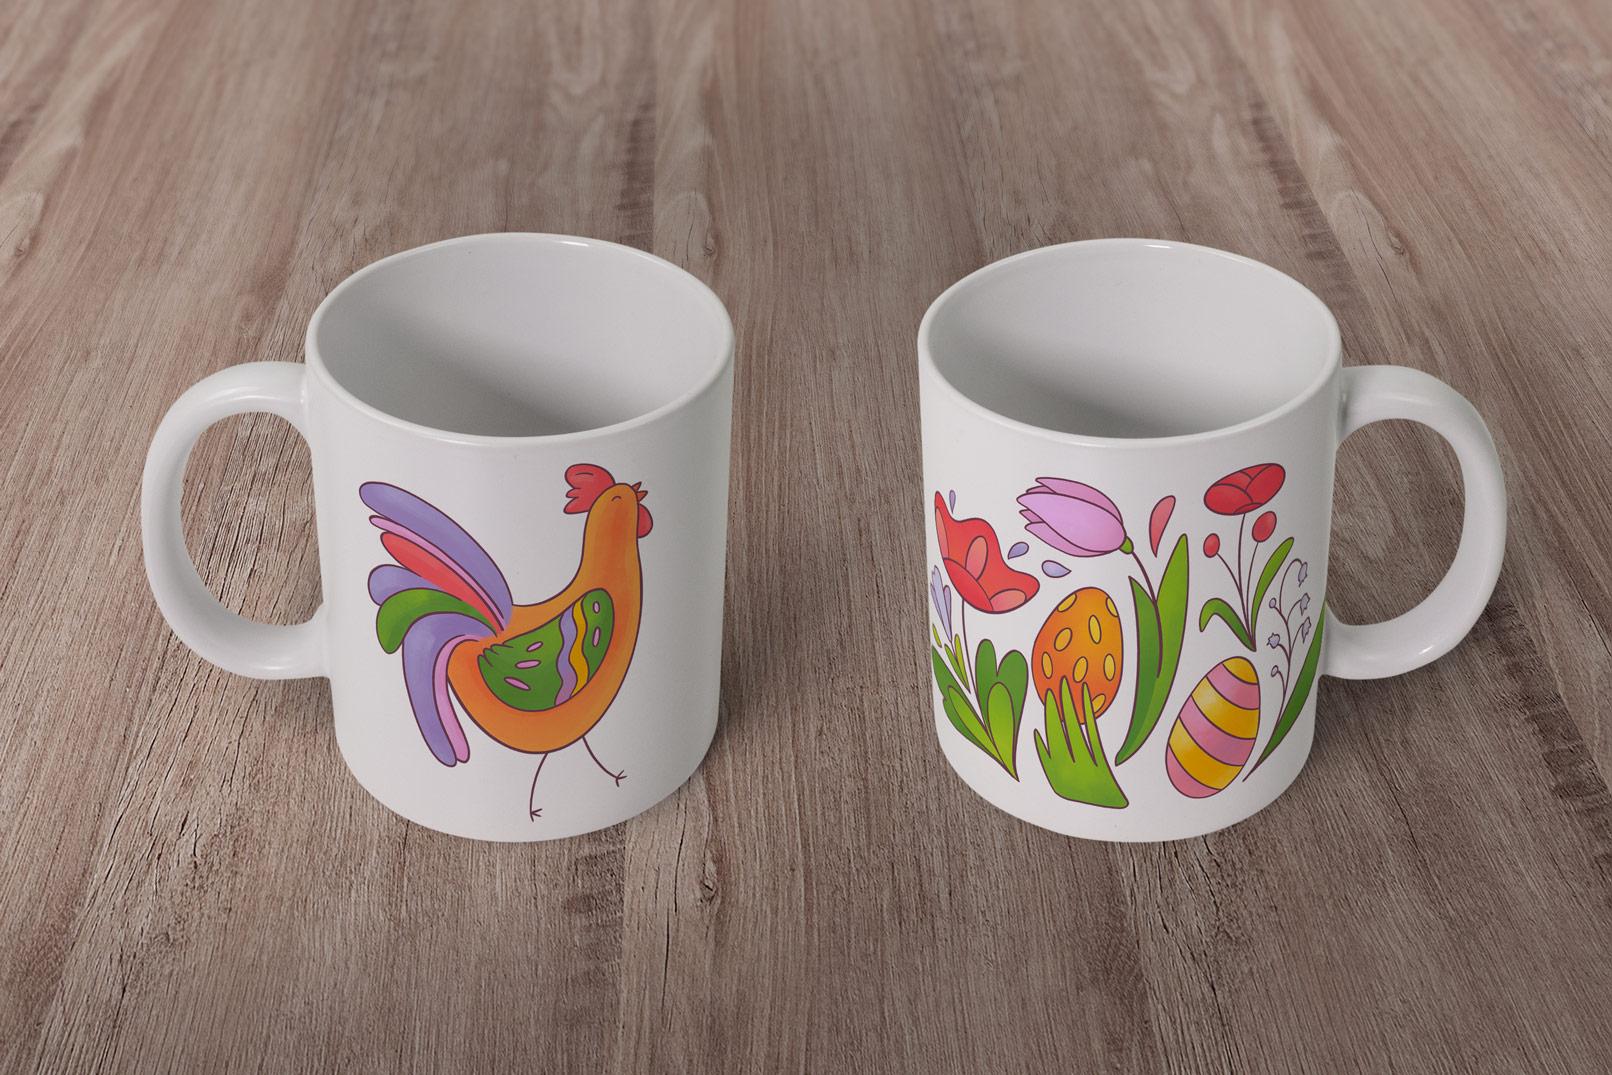 Tassen mit Grafiken für Ostern